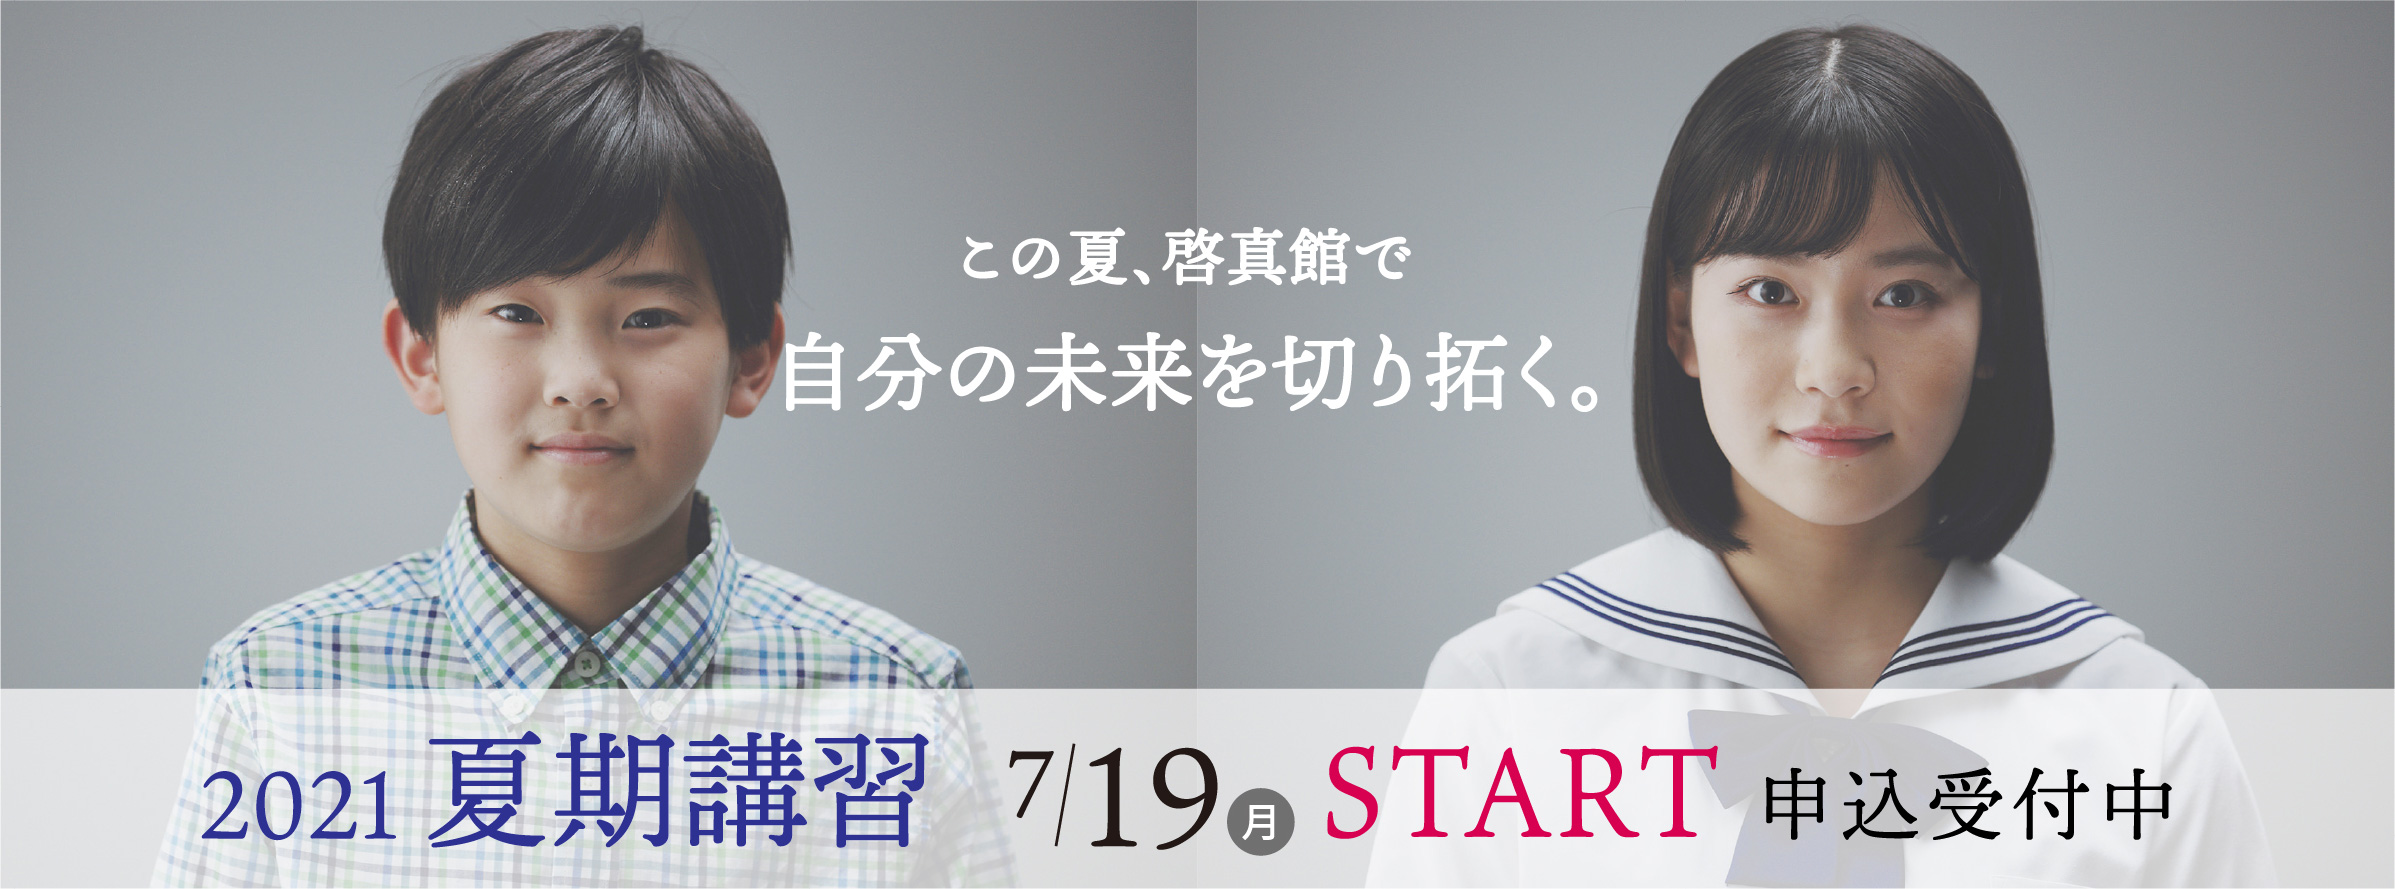 2021夏期講習 7/19(月)スタート!申込受付中!